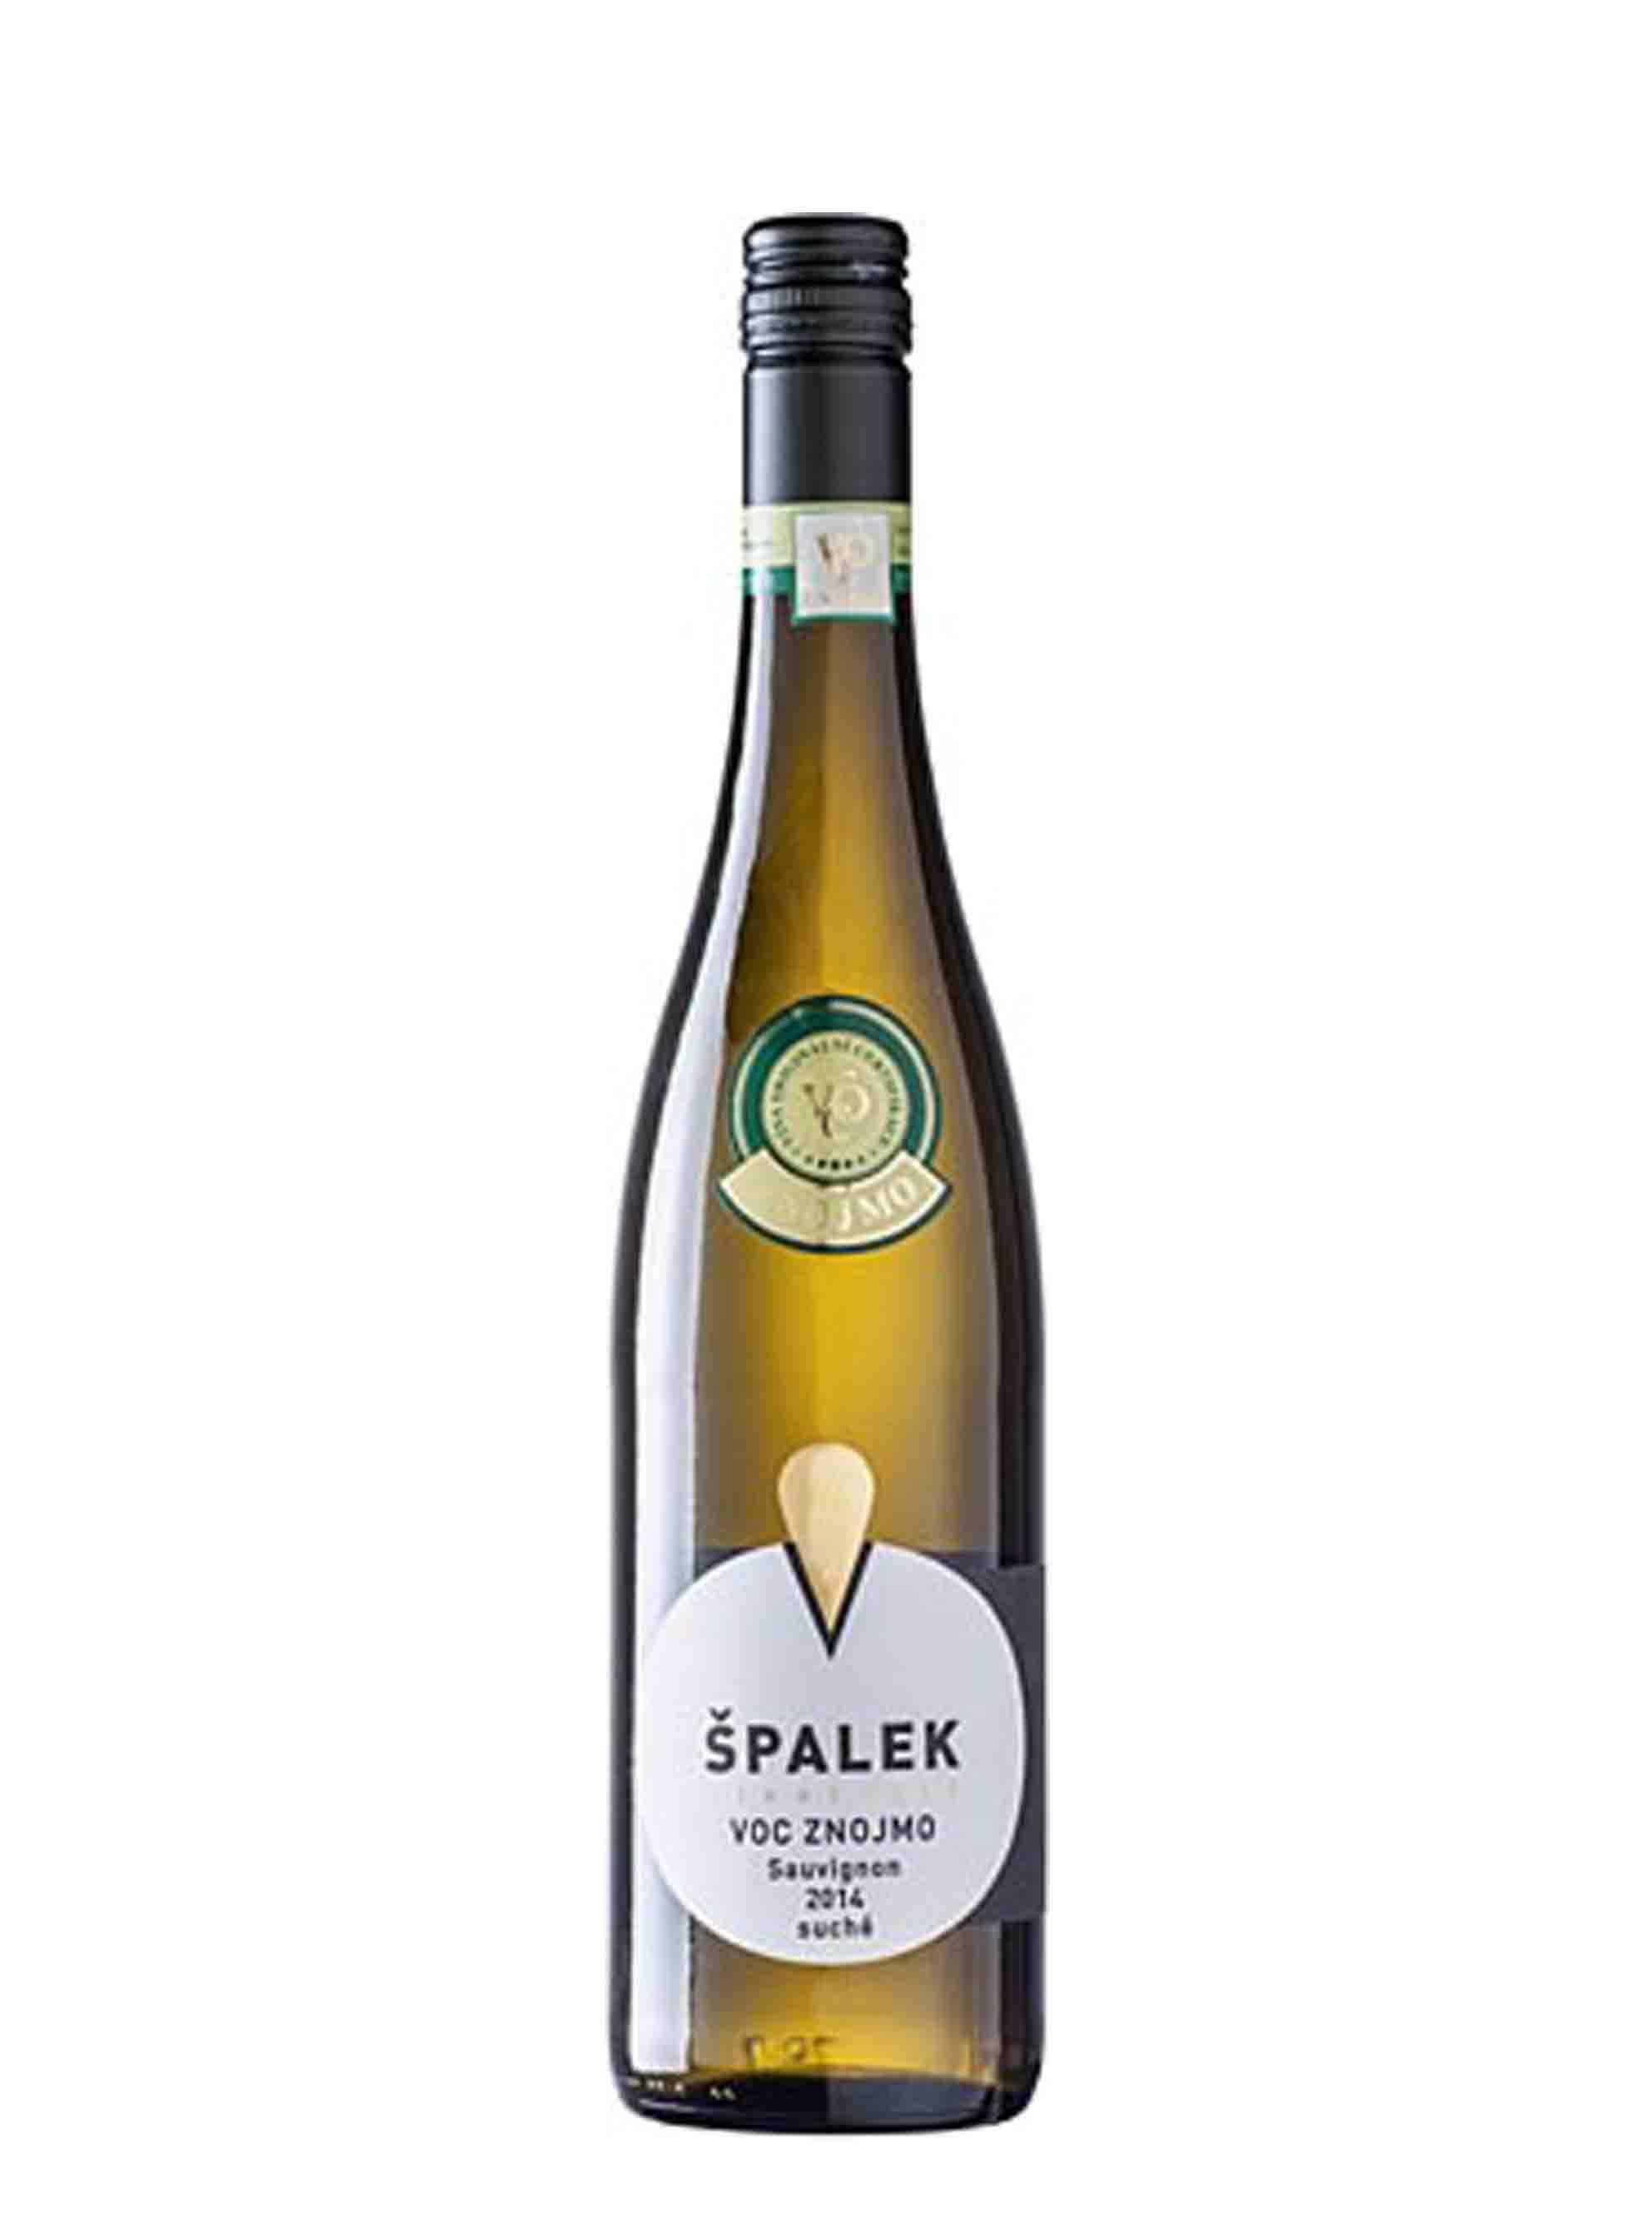 Sauvignon, VOC, 2014, Vinařství Špalek, 0.75 l